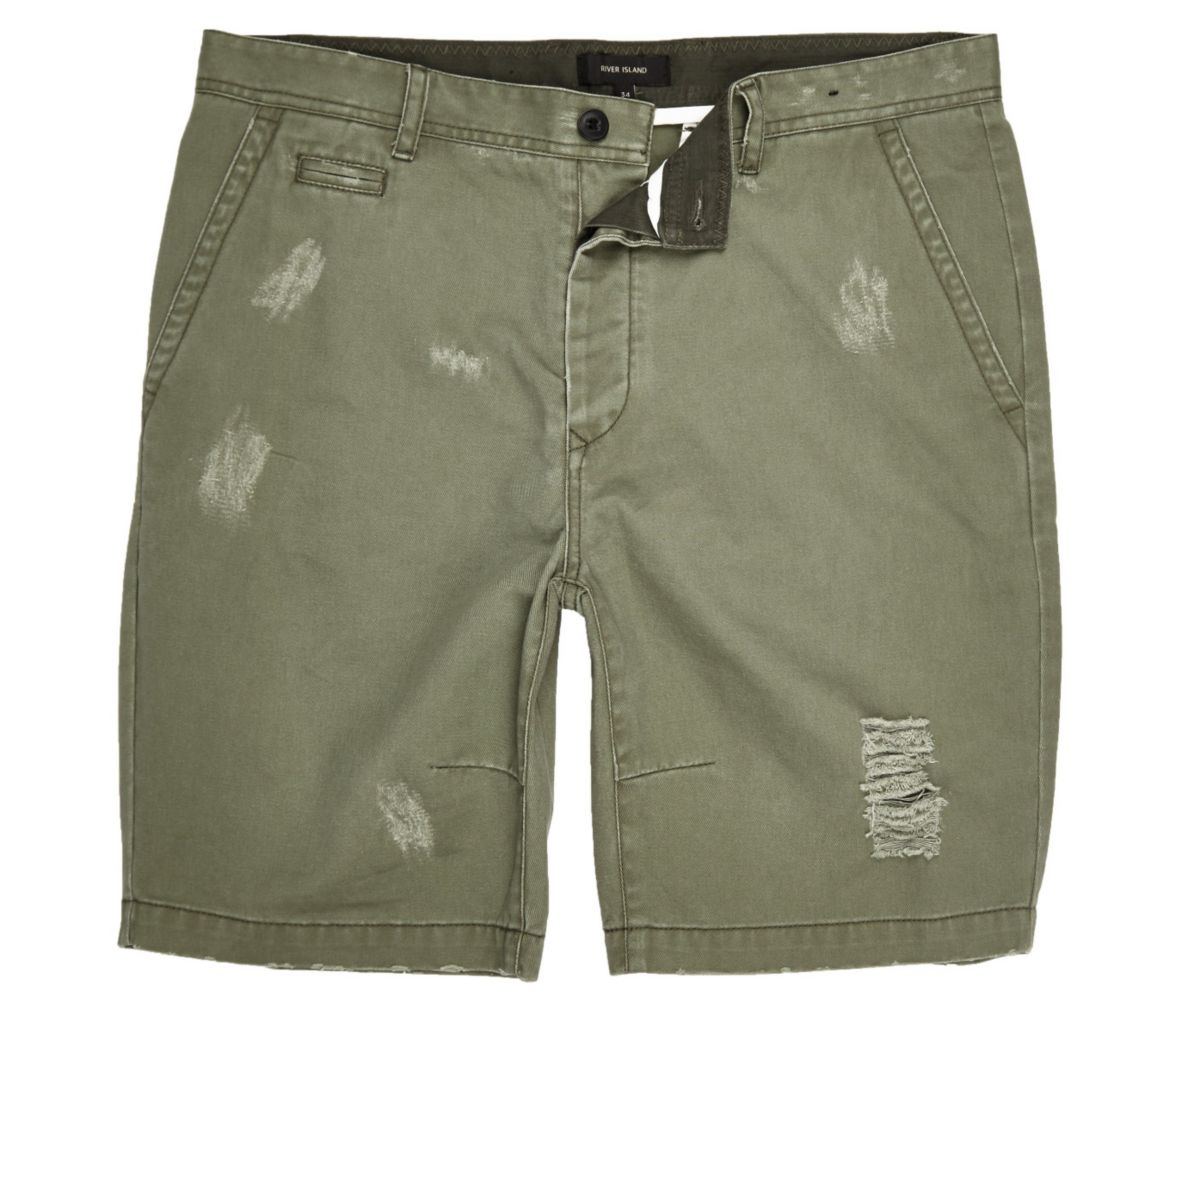 Grüne, gerippte Skater-Shorts